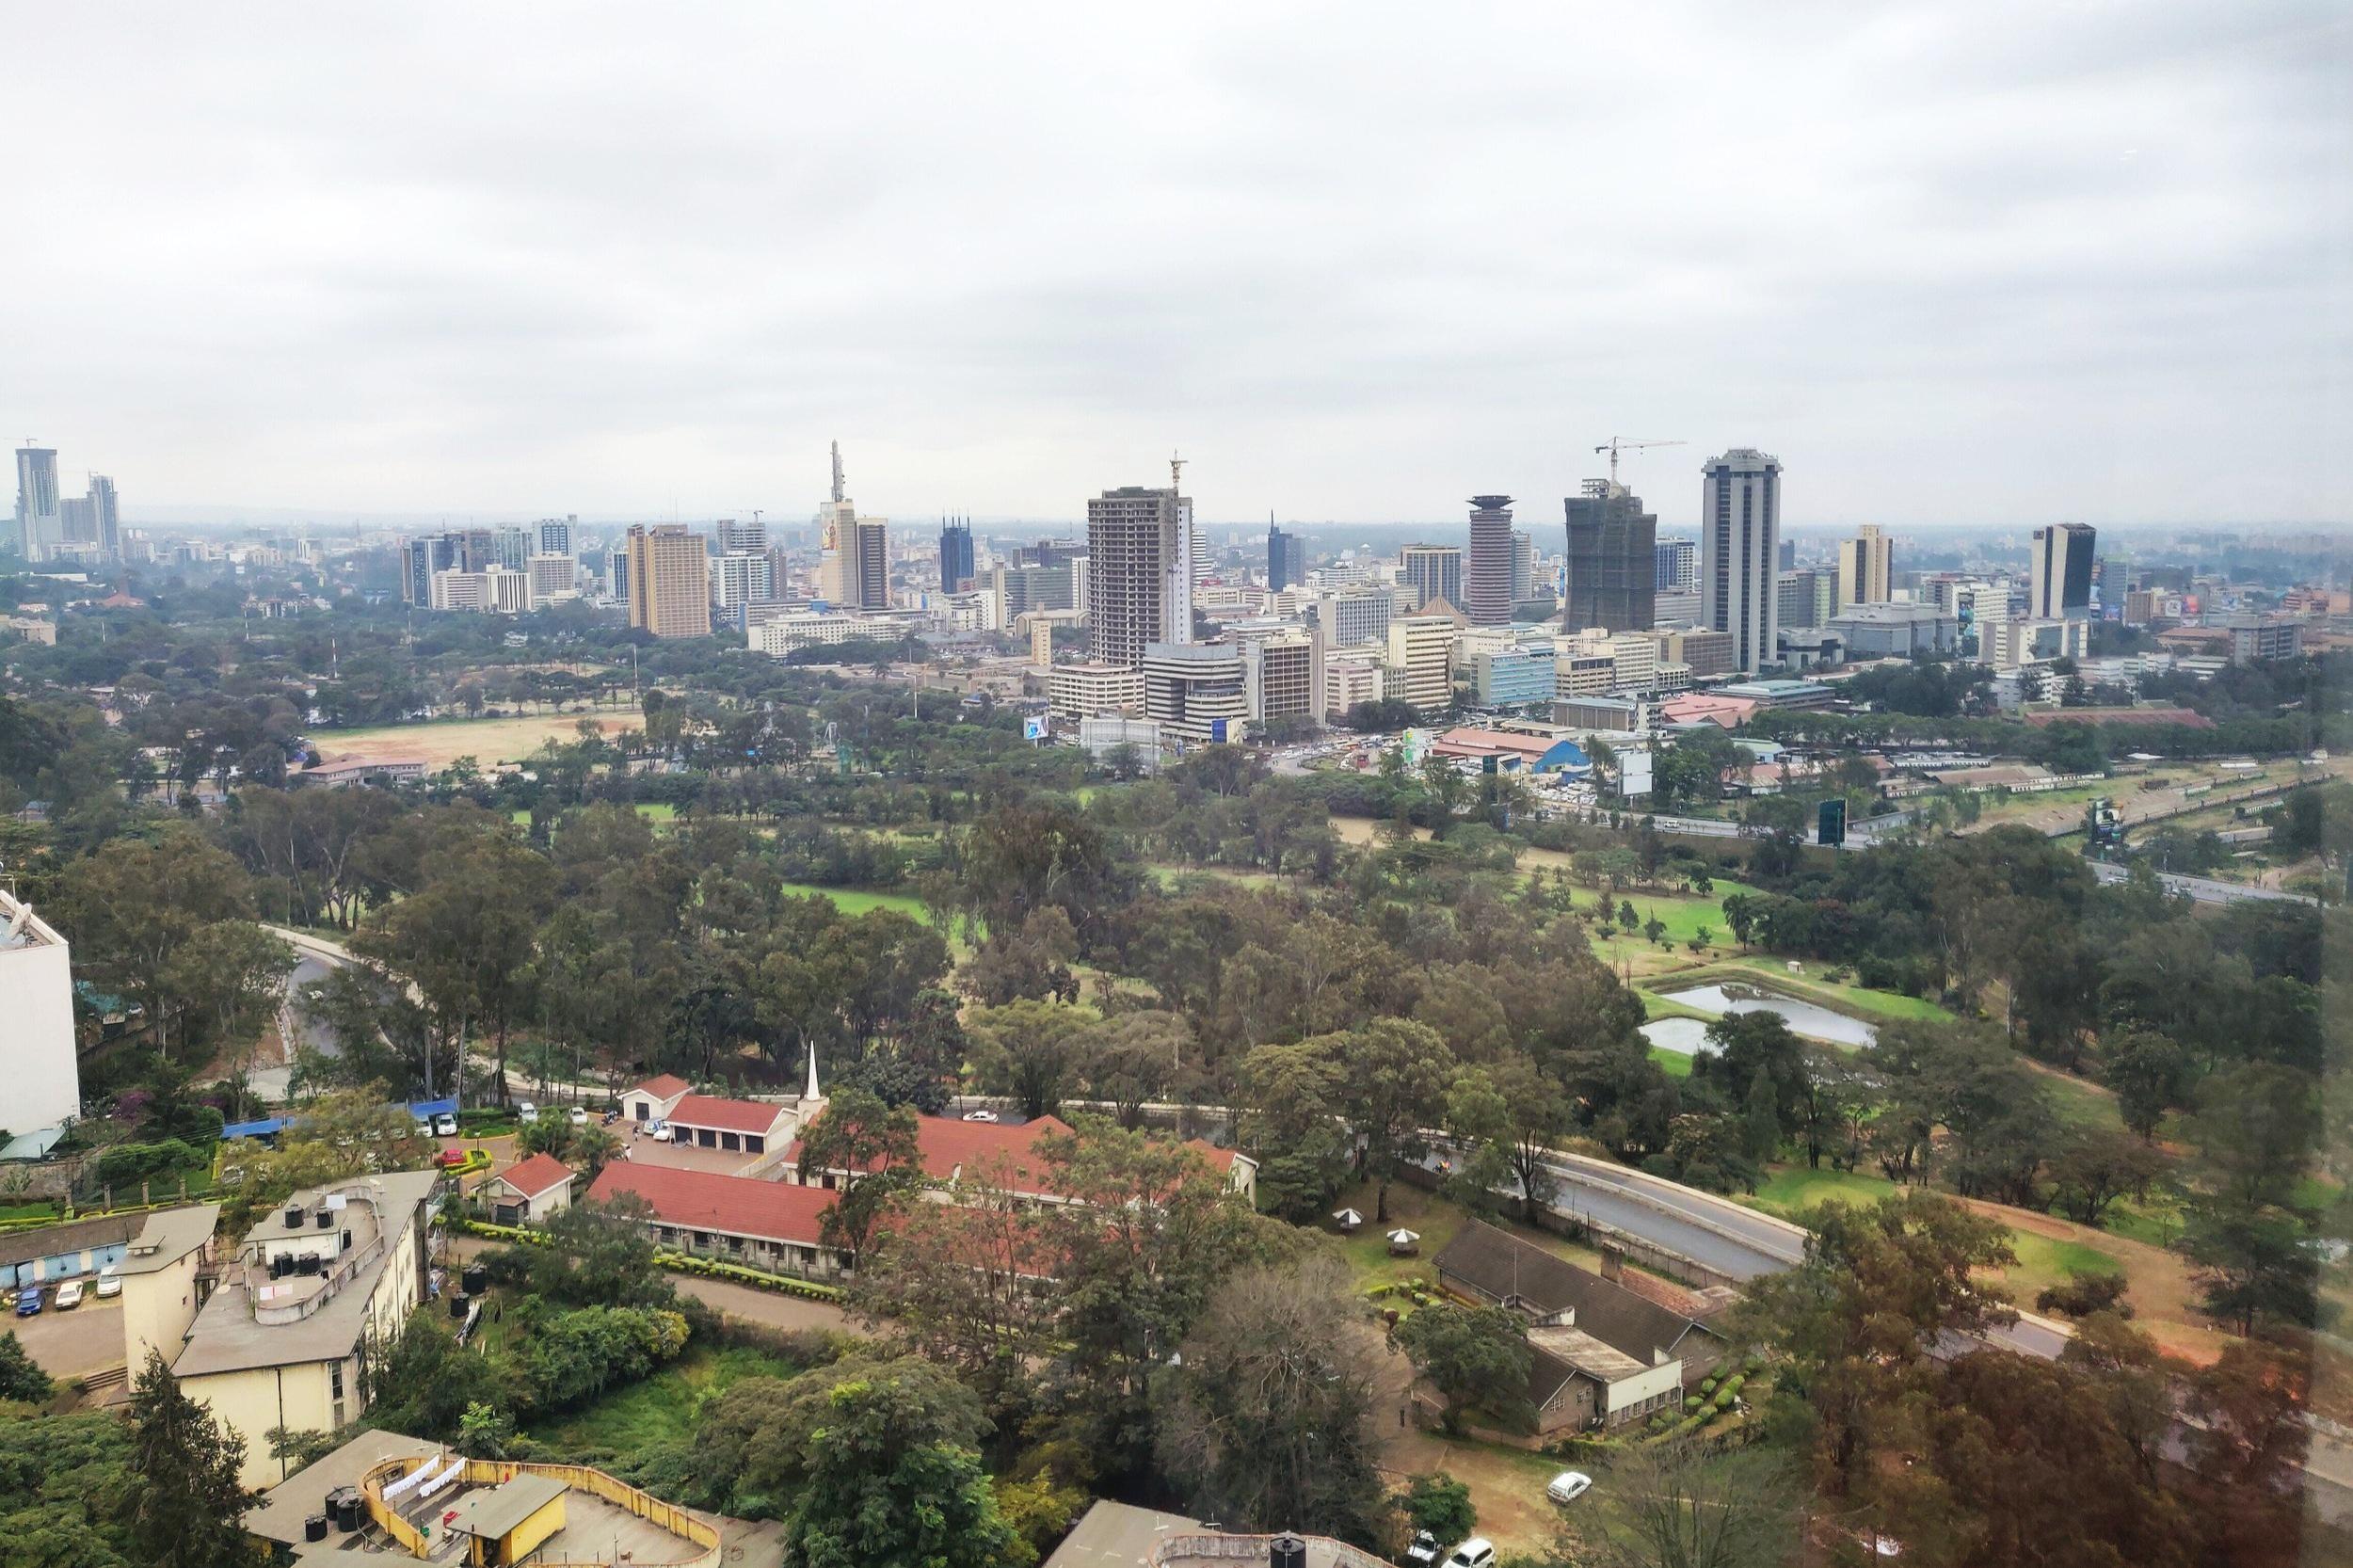 Eoin_Kenya_landscape.jpg